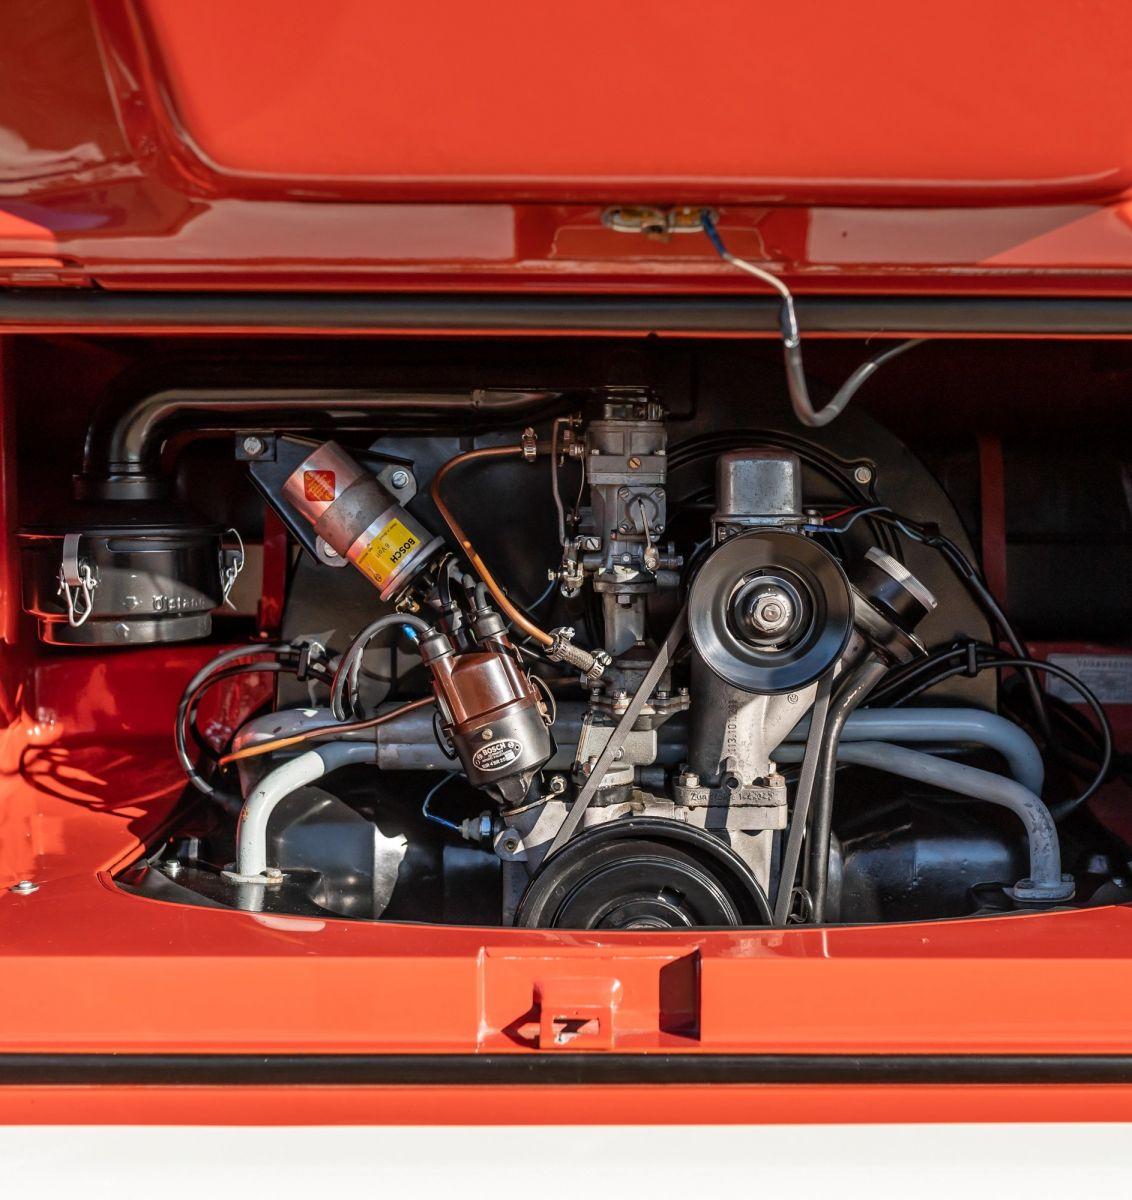 vw kombi 1959 motor